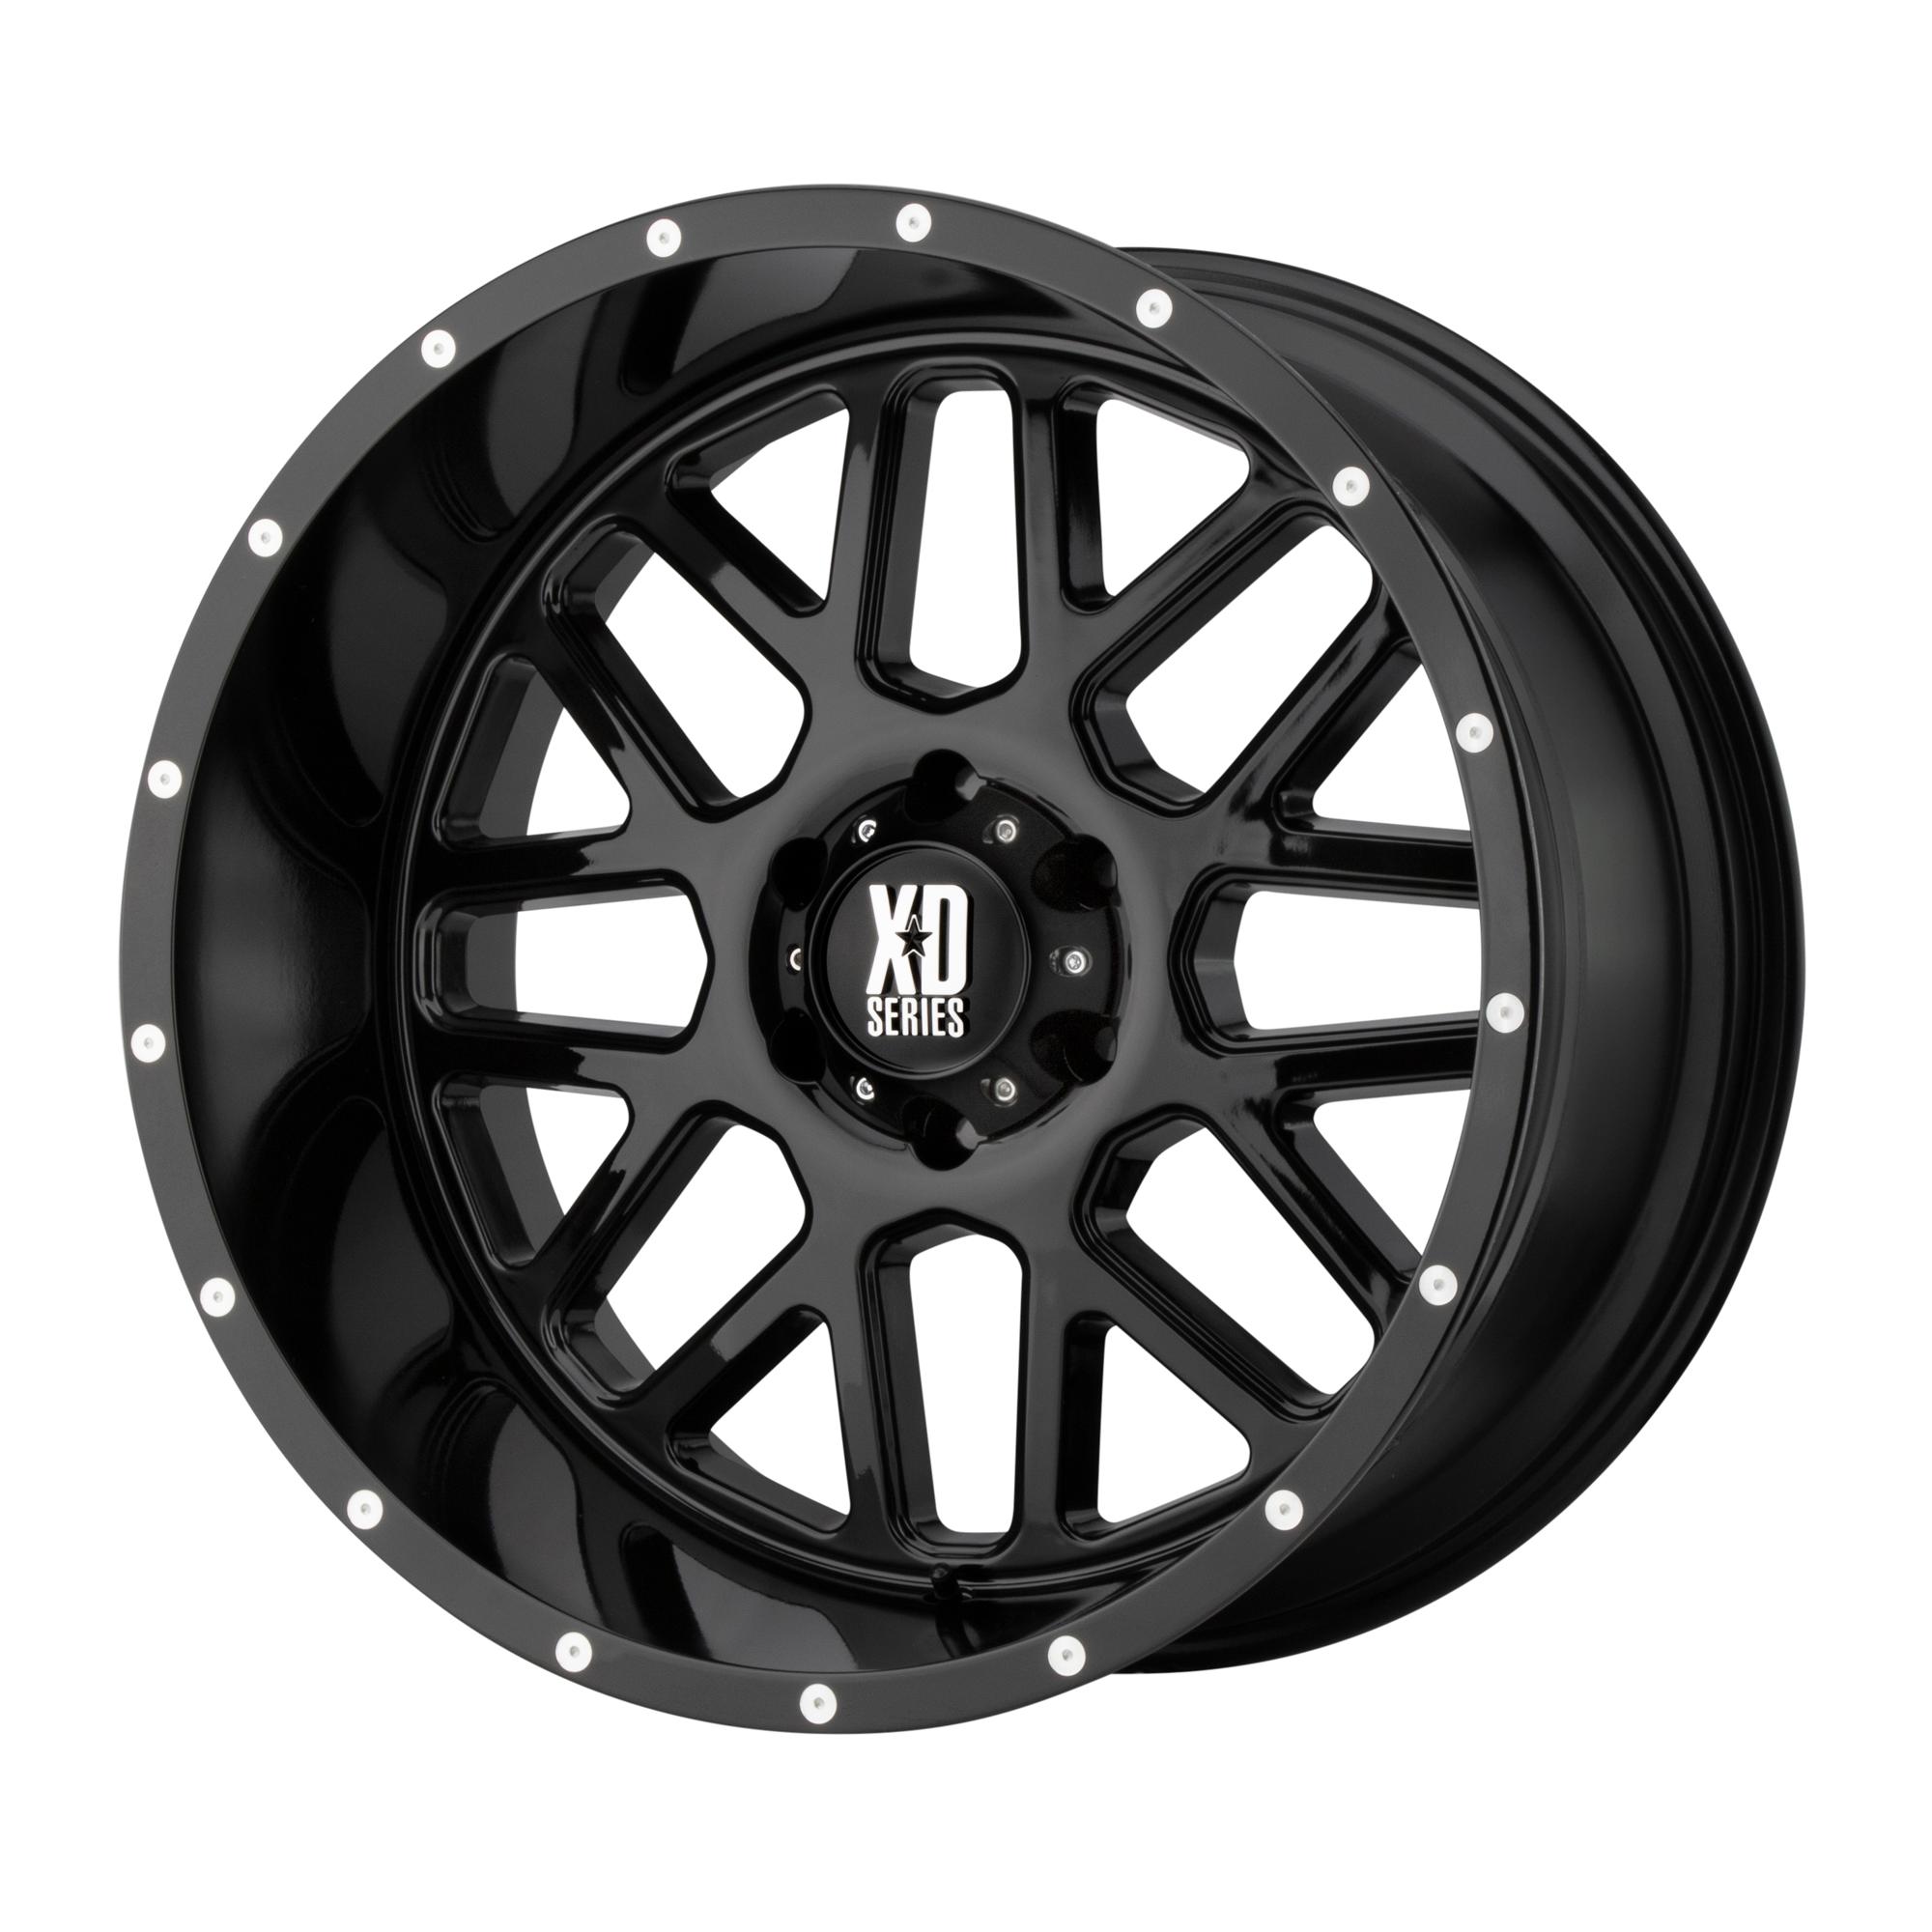 XD SERIES XD820 GRENADE hliníkové disky 10x20 8x165,1 ET-24 Gloss Black